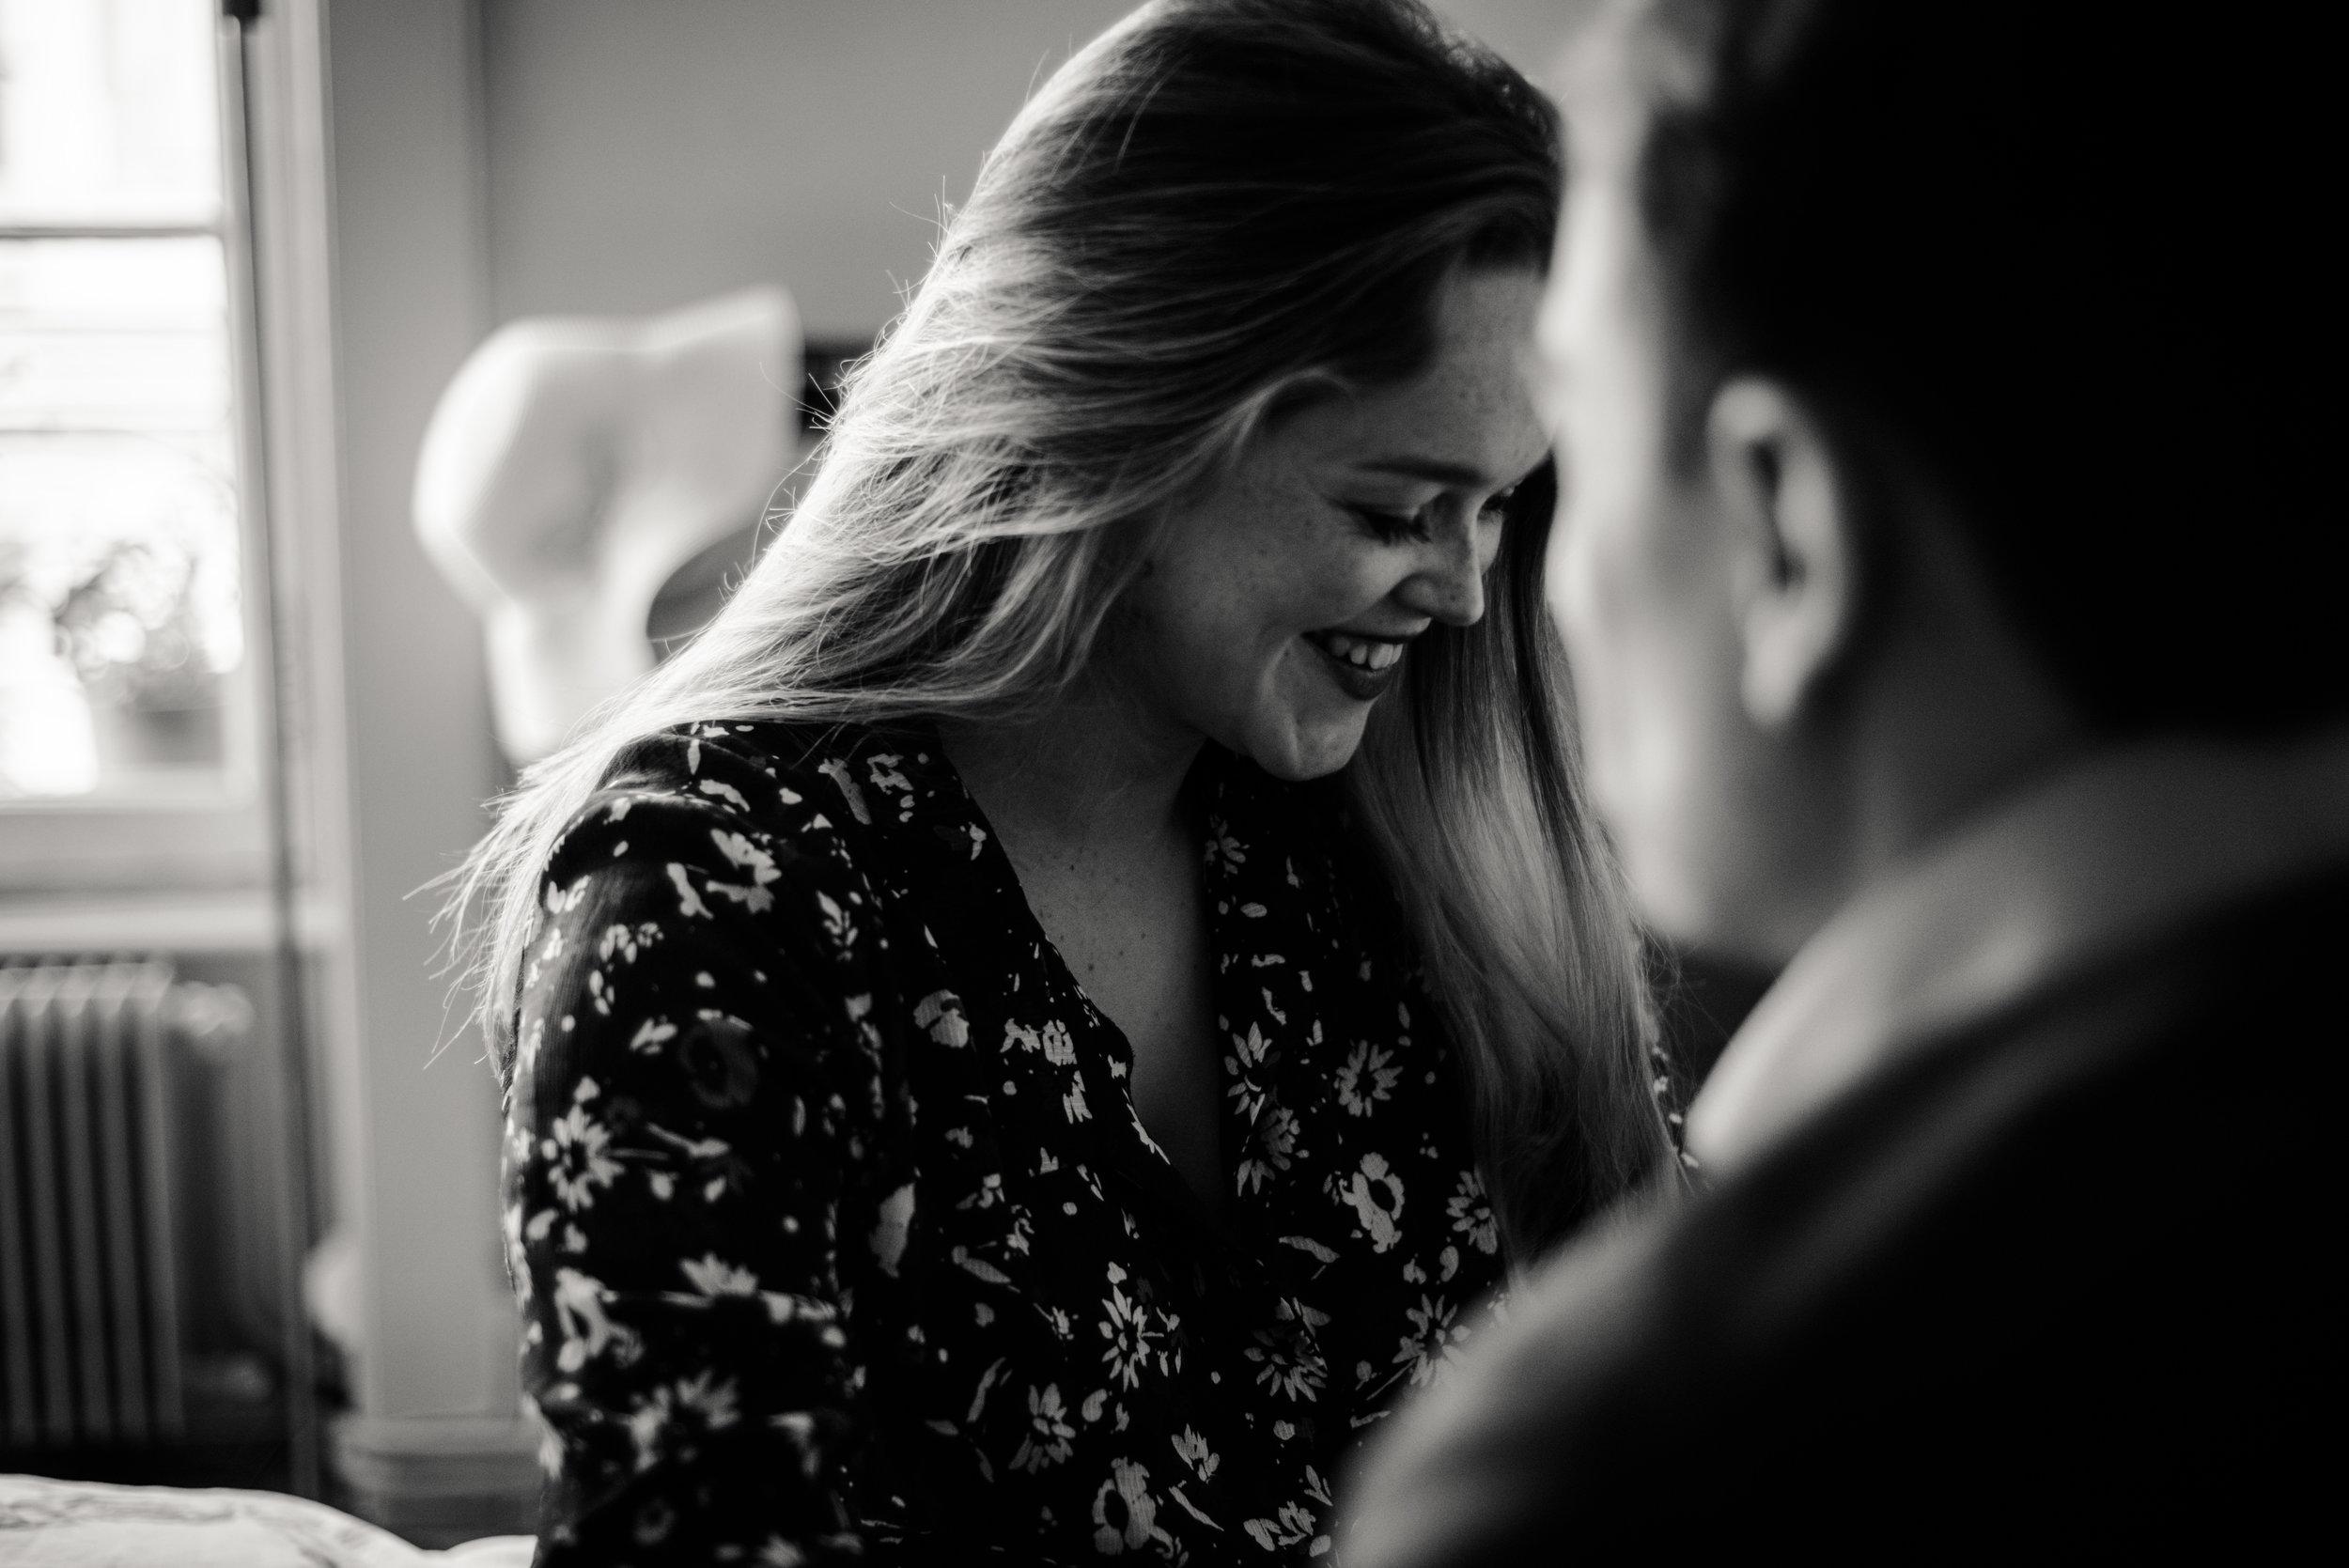 Léa-Fery-photographe-professionnel-lyon-rhone-alpes-portrait-creation-mariage-evenement-evenementiel-famille-2396.jpg